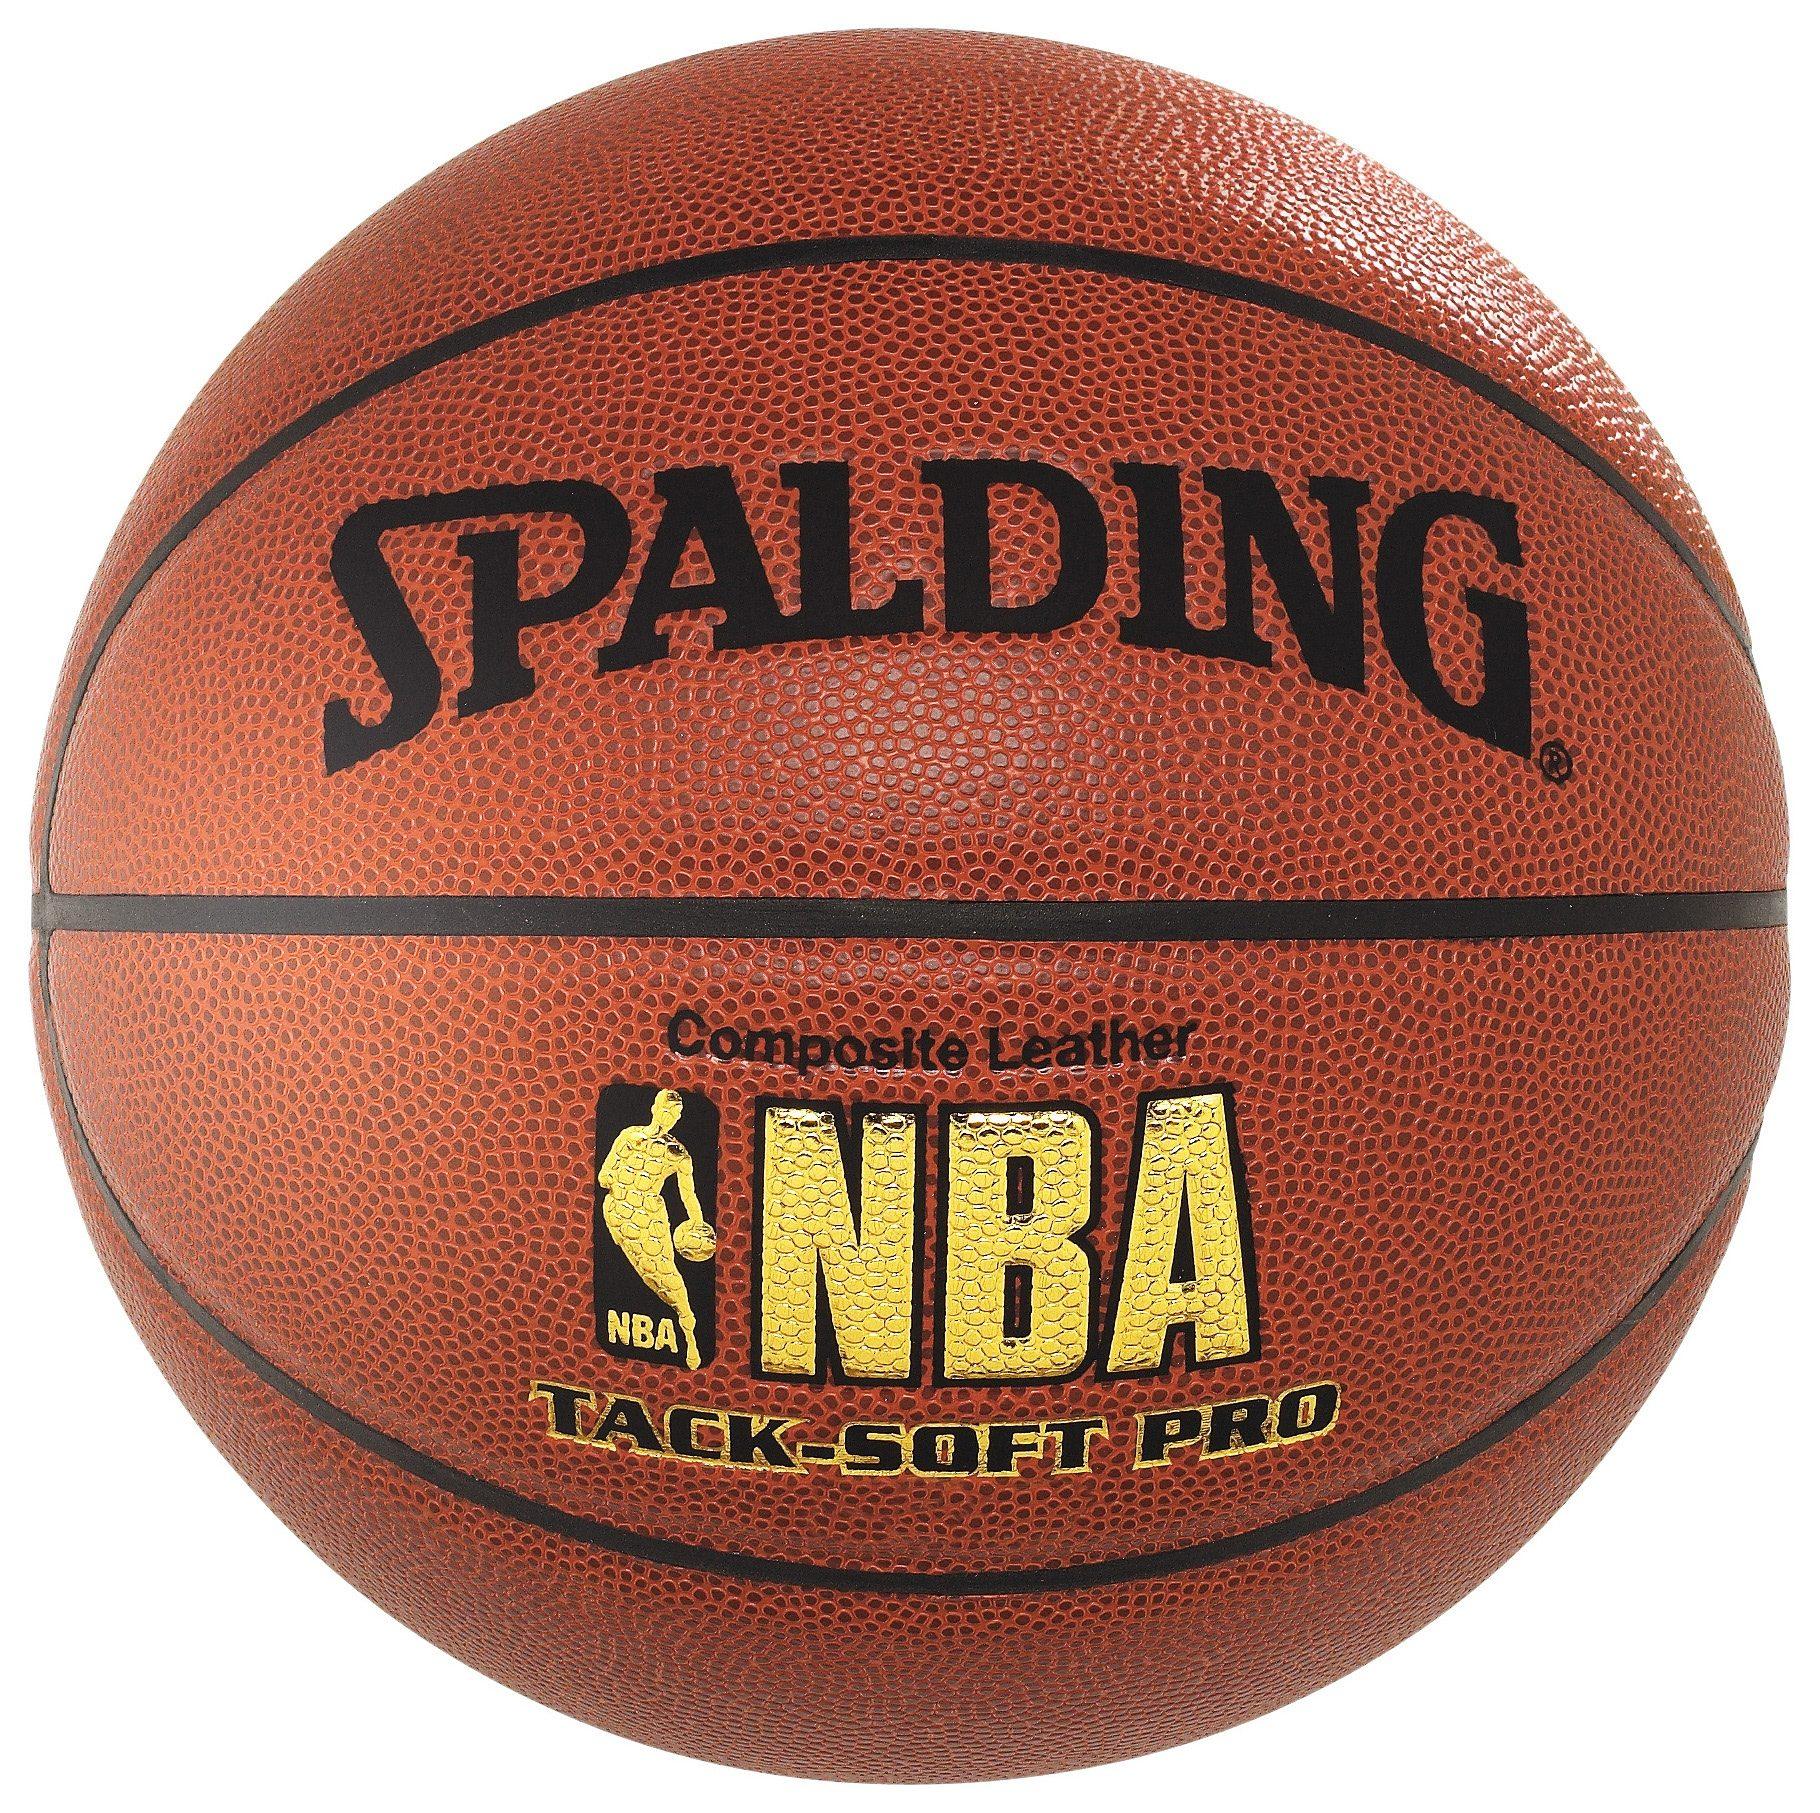 SPALDING NBA Tack-Soft Pro (64-617Z) Basketball